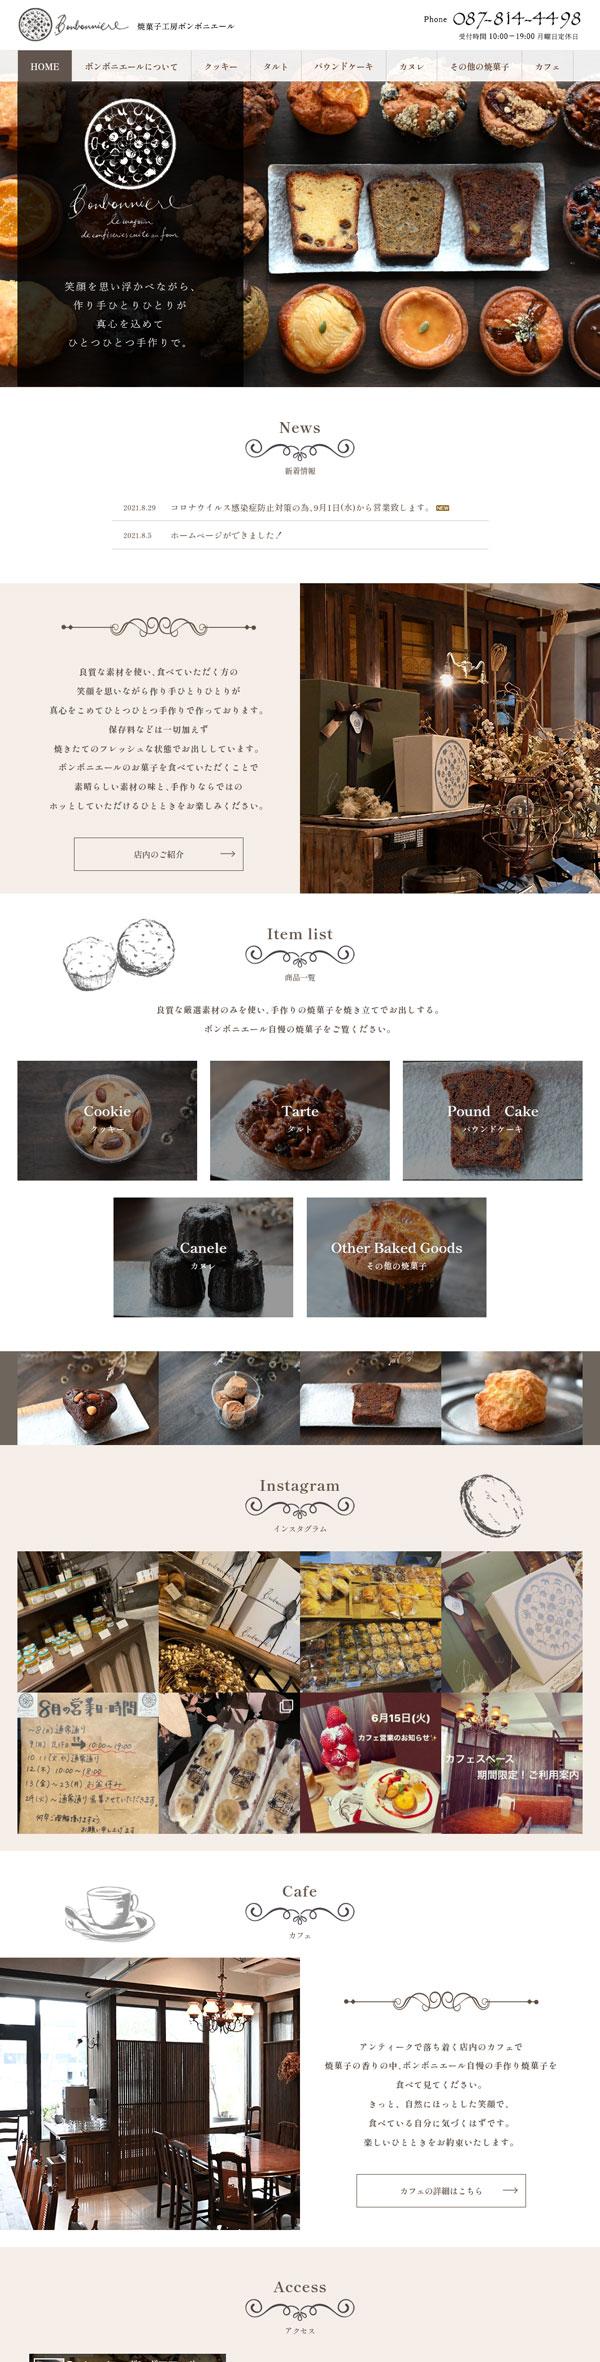 焼菓子専門店 ボンボニエール 高松